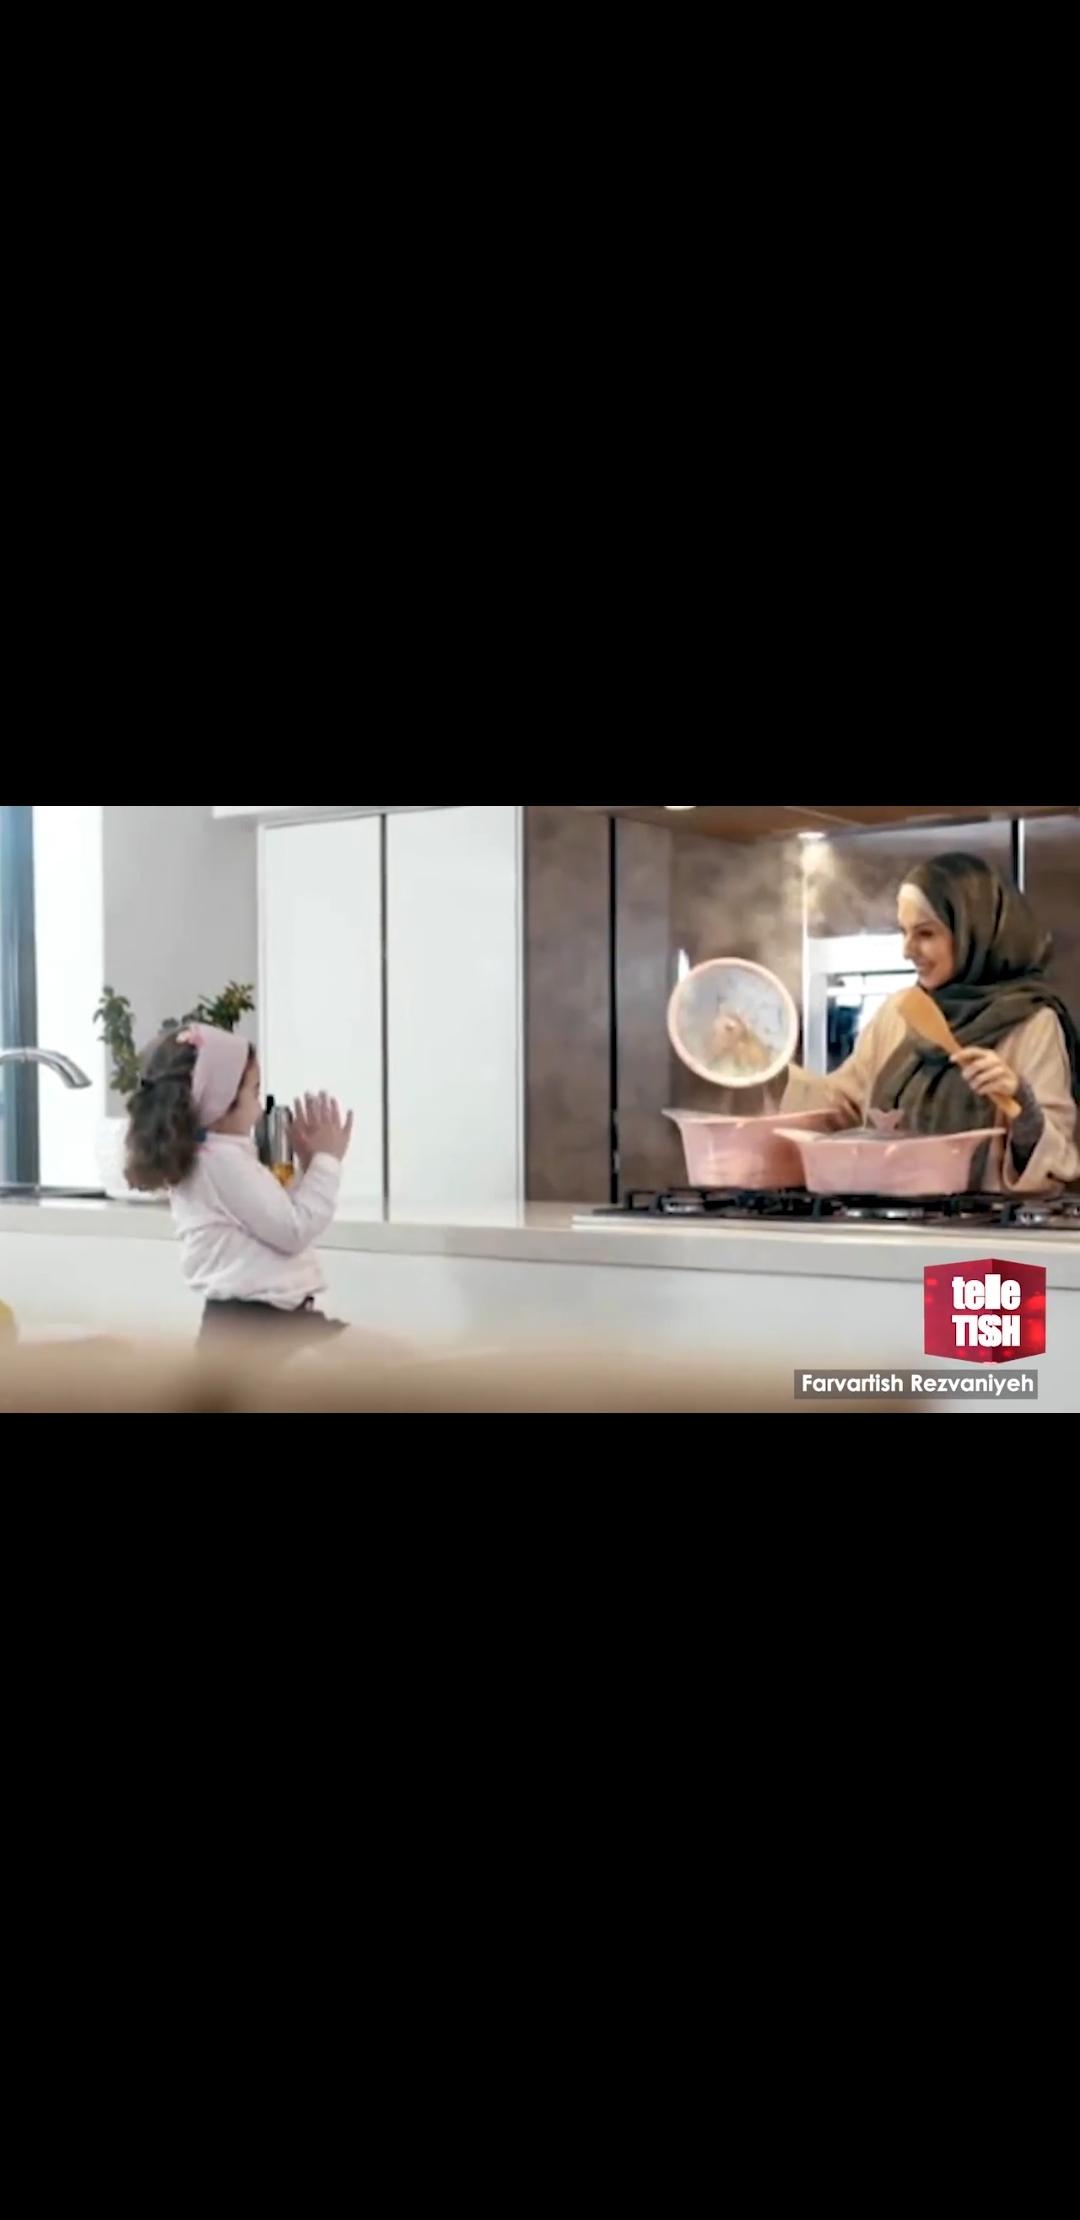 ویدئوی طنز تلهتیش درباره تجملگرایی تیزرهای تلویزیونی + ویدئو